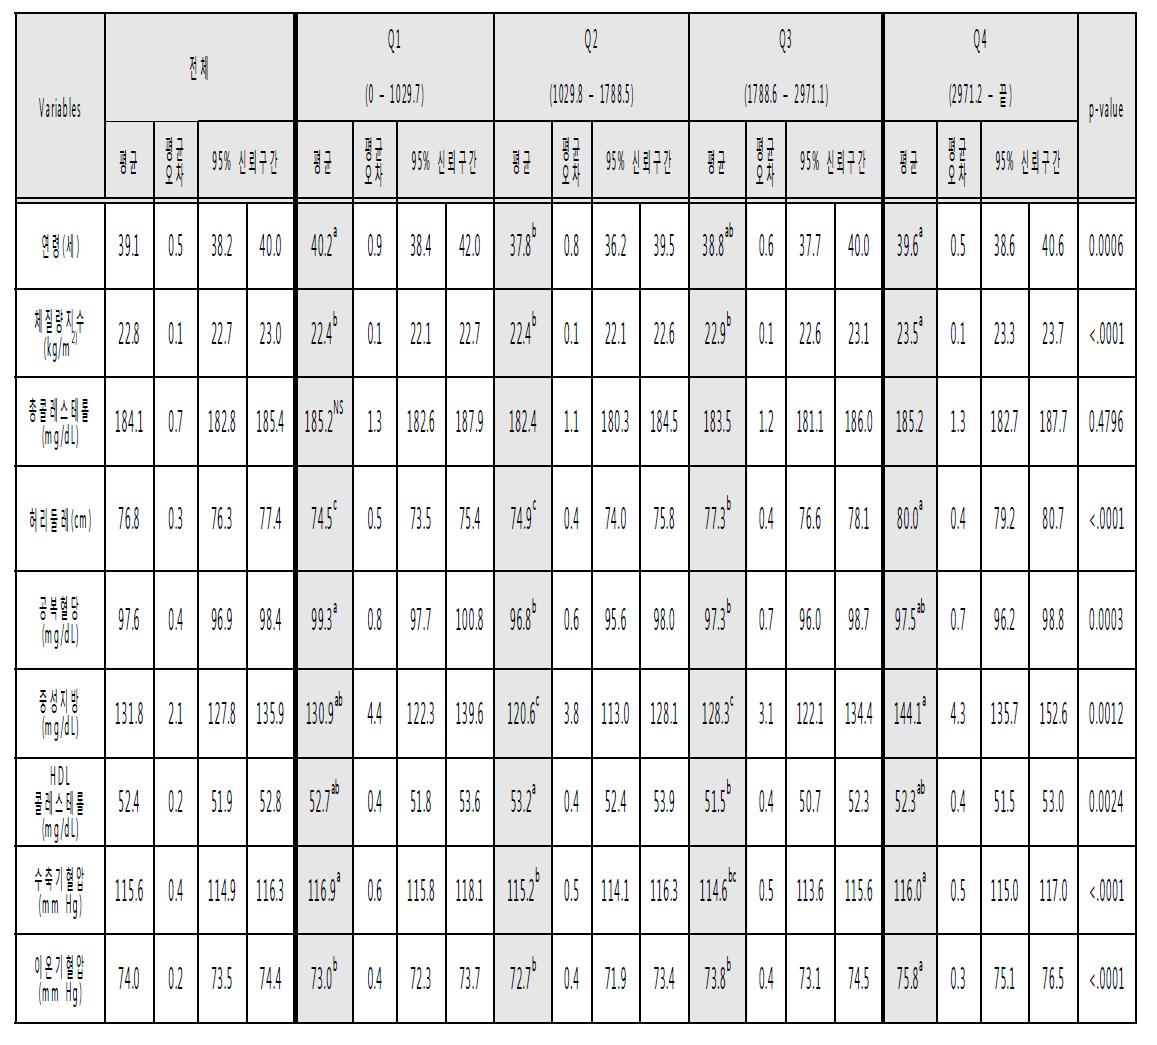 2013년도 국민건강영양조사 자료의 나트륨 섭취량에 대해 4분위수로 구분후 혈액지표의 평균값 비교